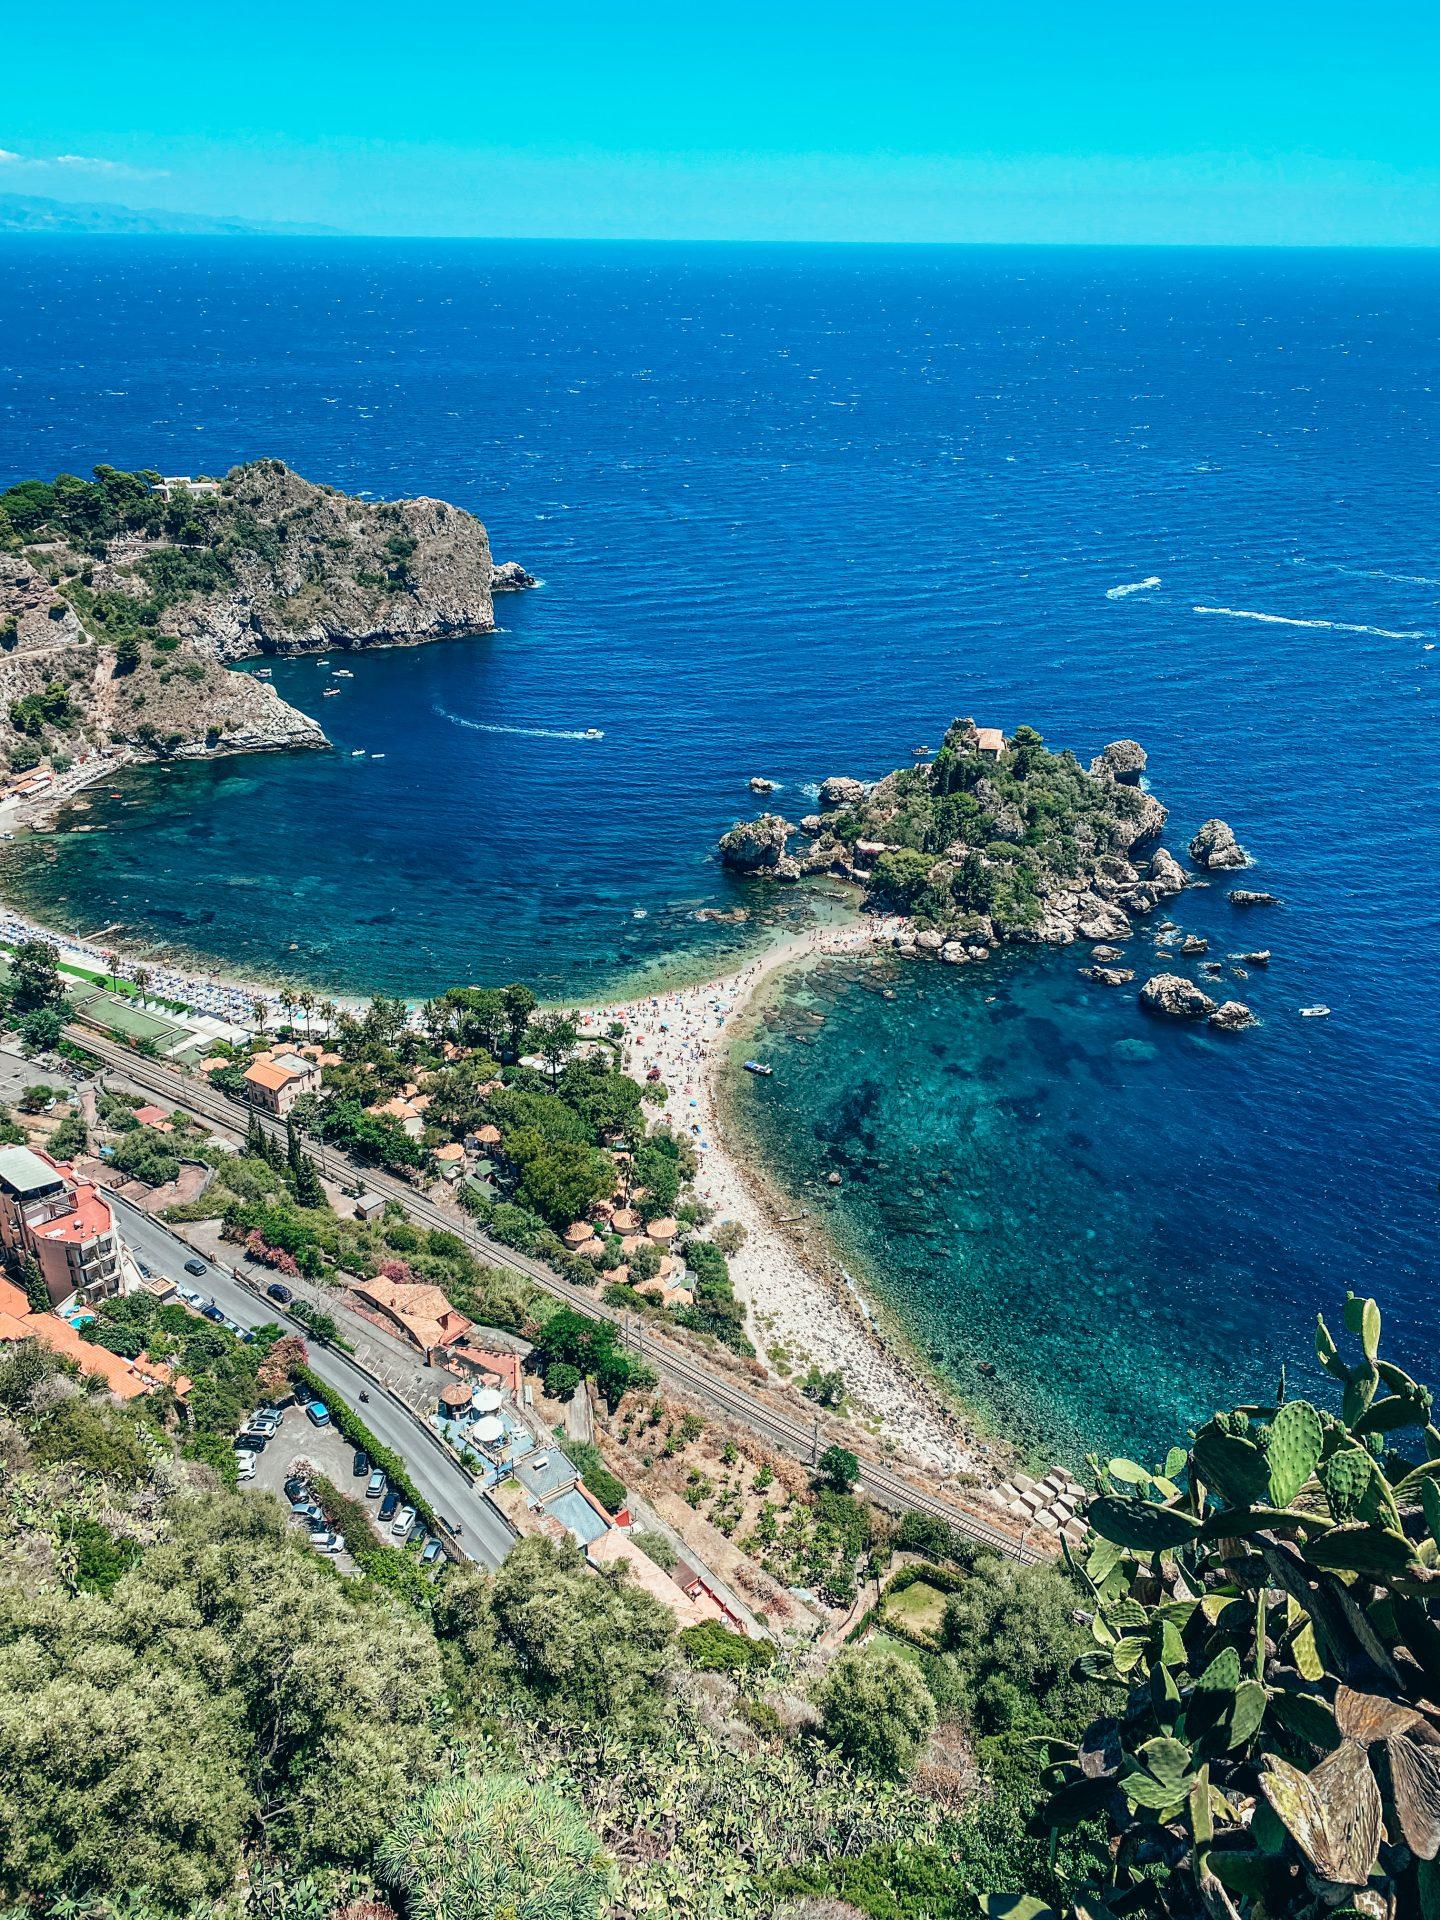 isola bella taormina sycylia